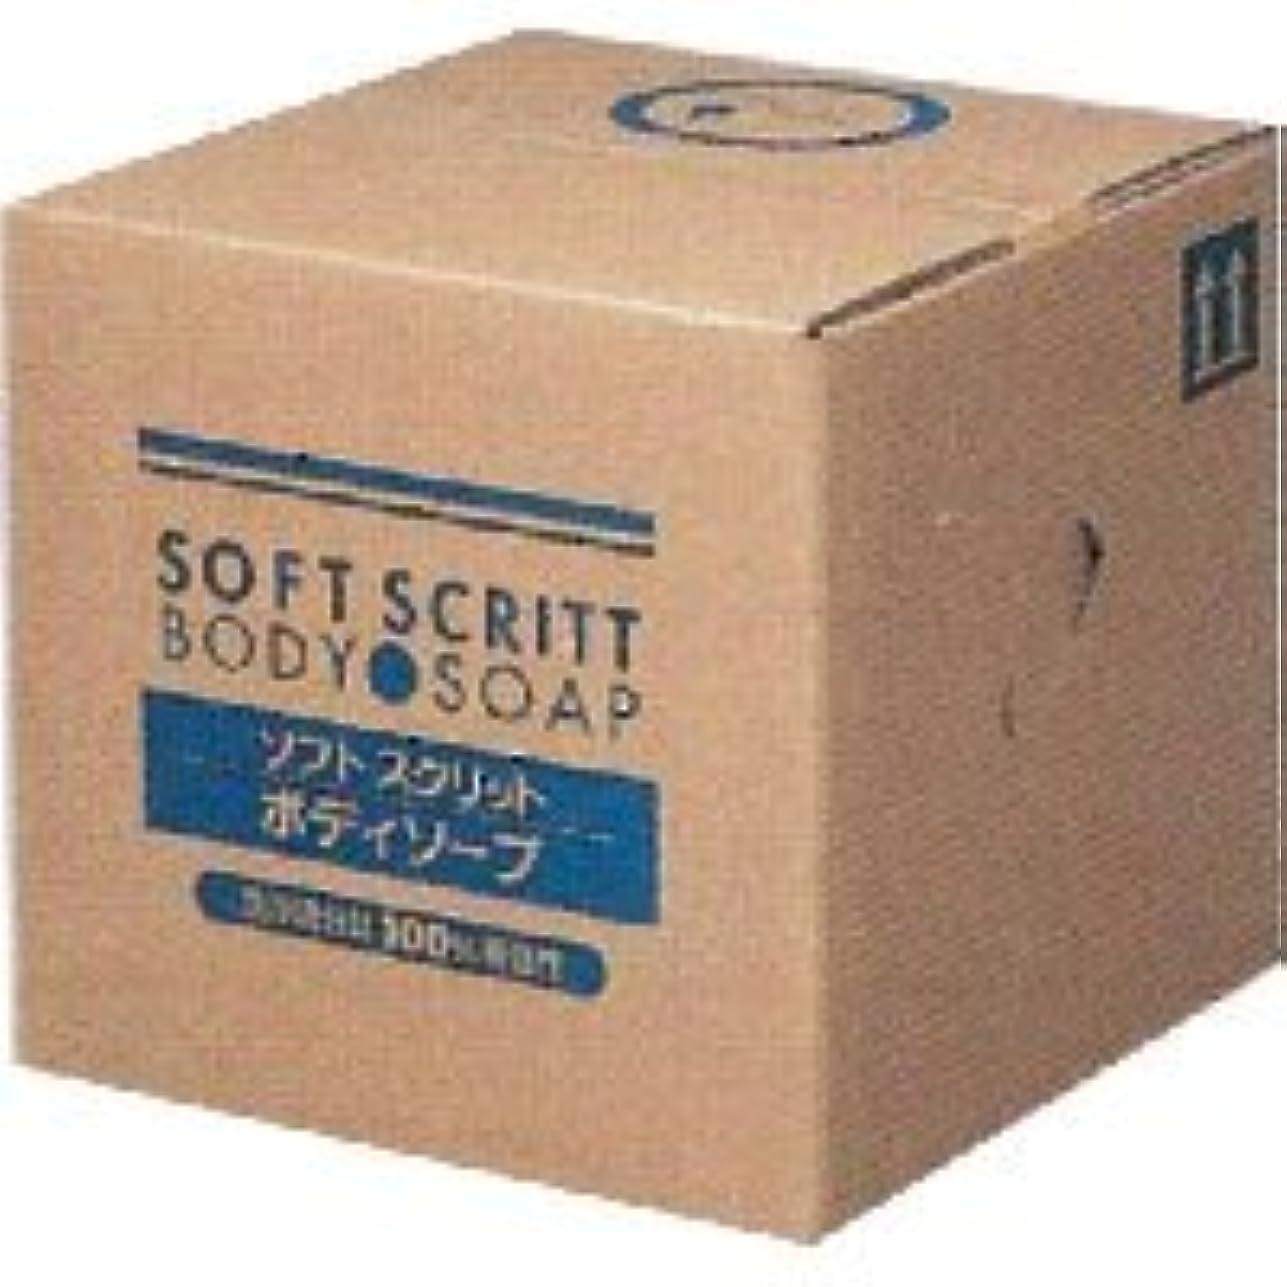 タヒチクレデンシャル中級ソフトスクリットボディソープ18L